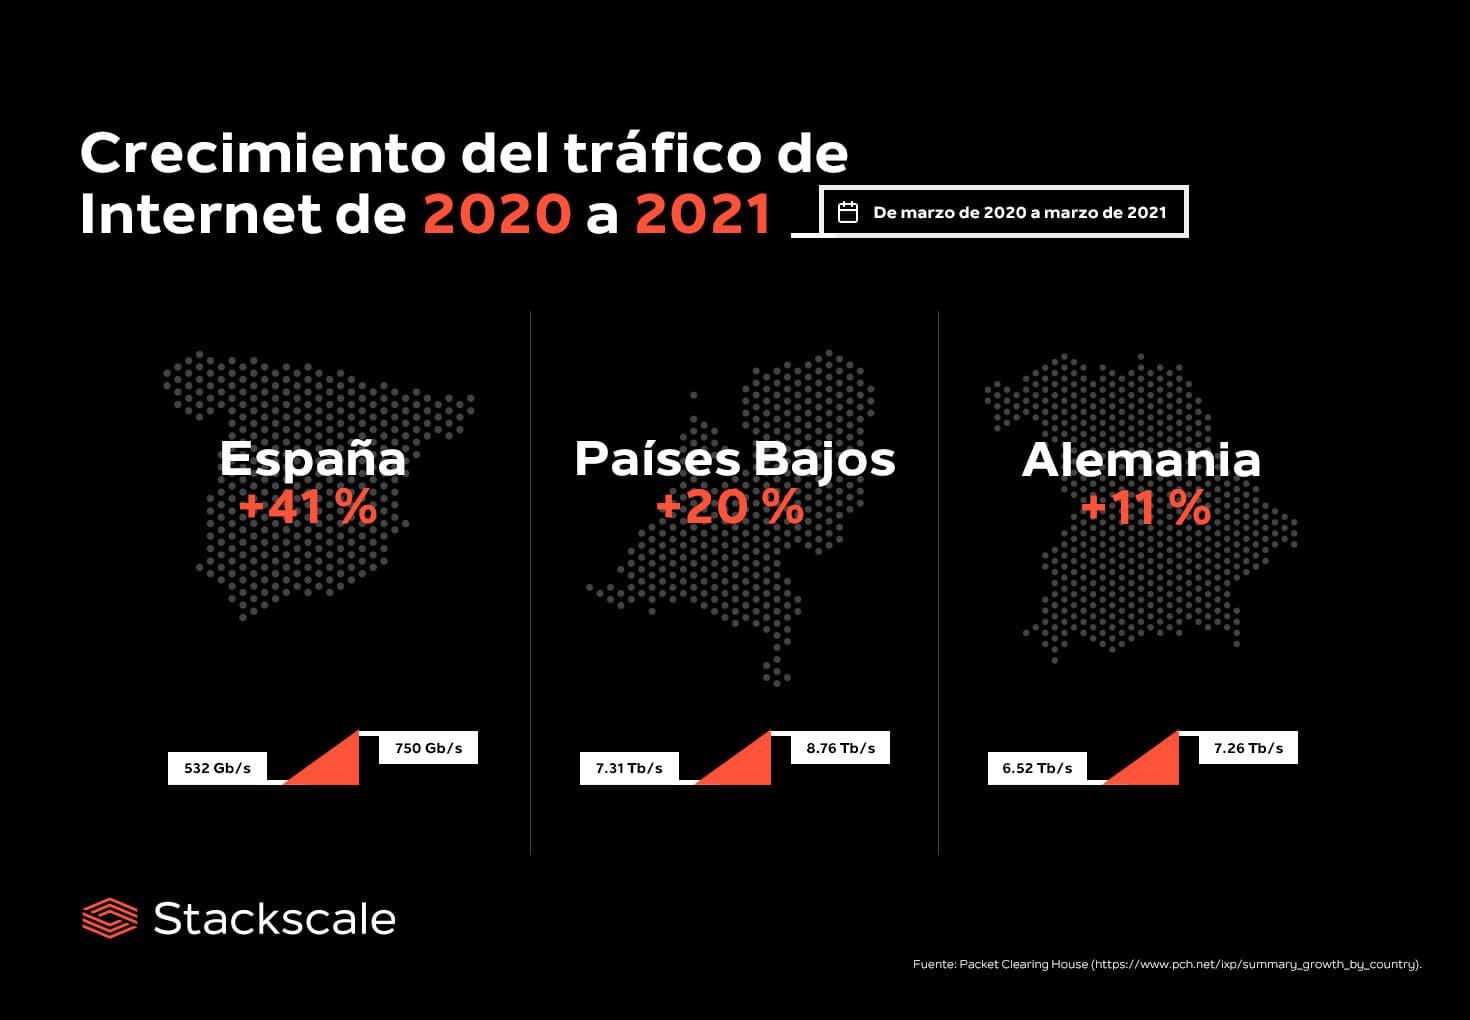 Internet duplica el tráfico en el último año porque estamos más tiempo en casa